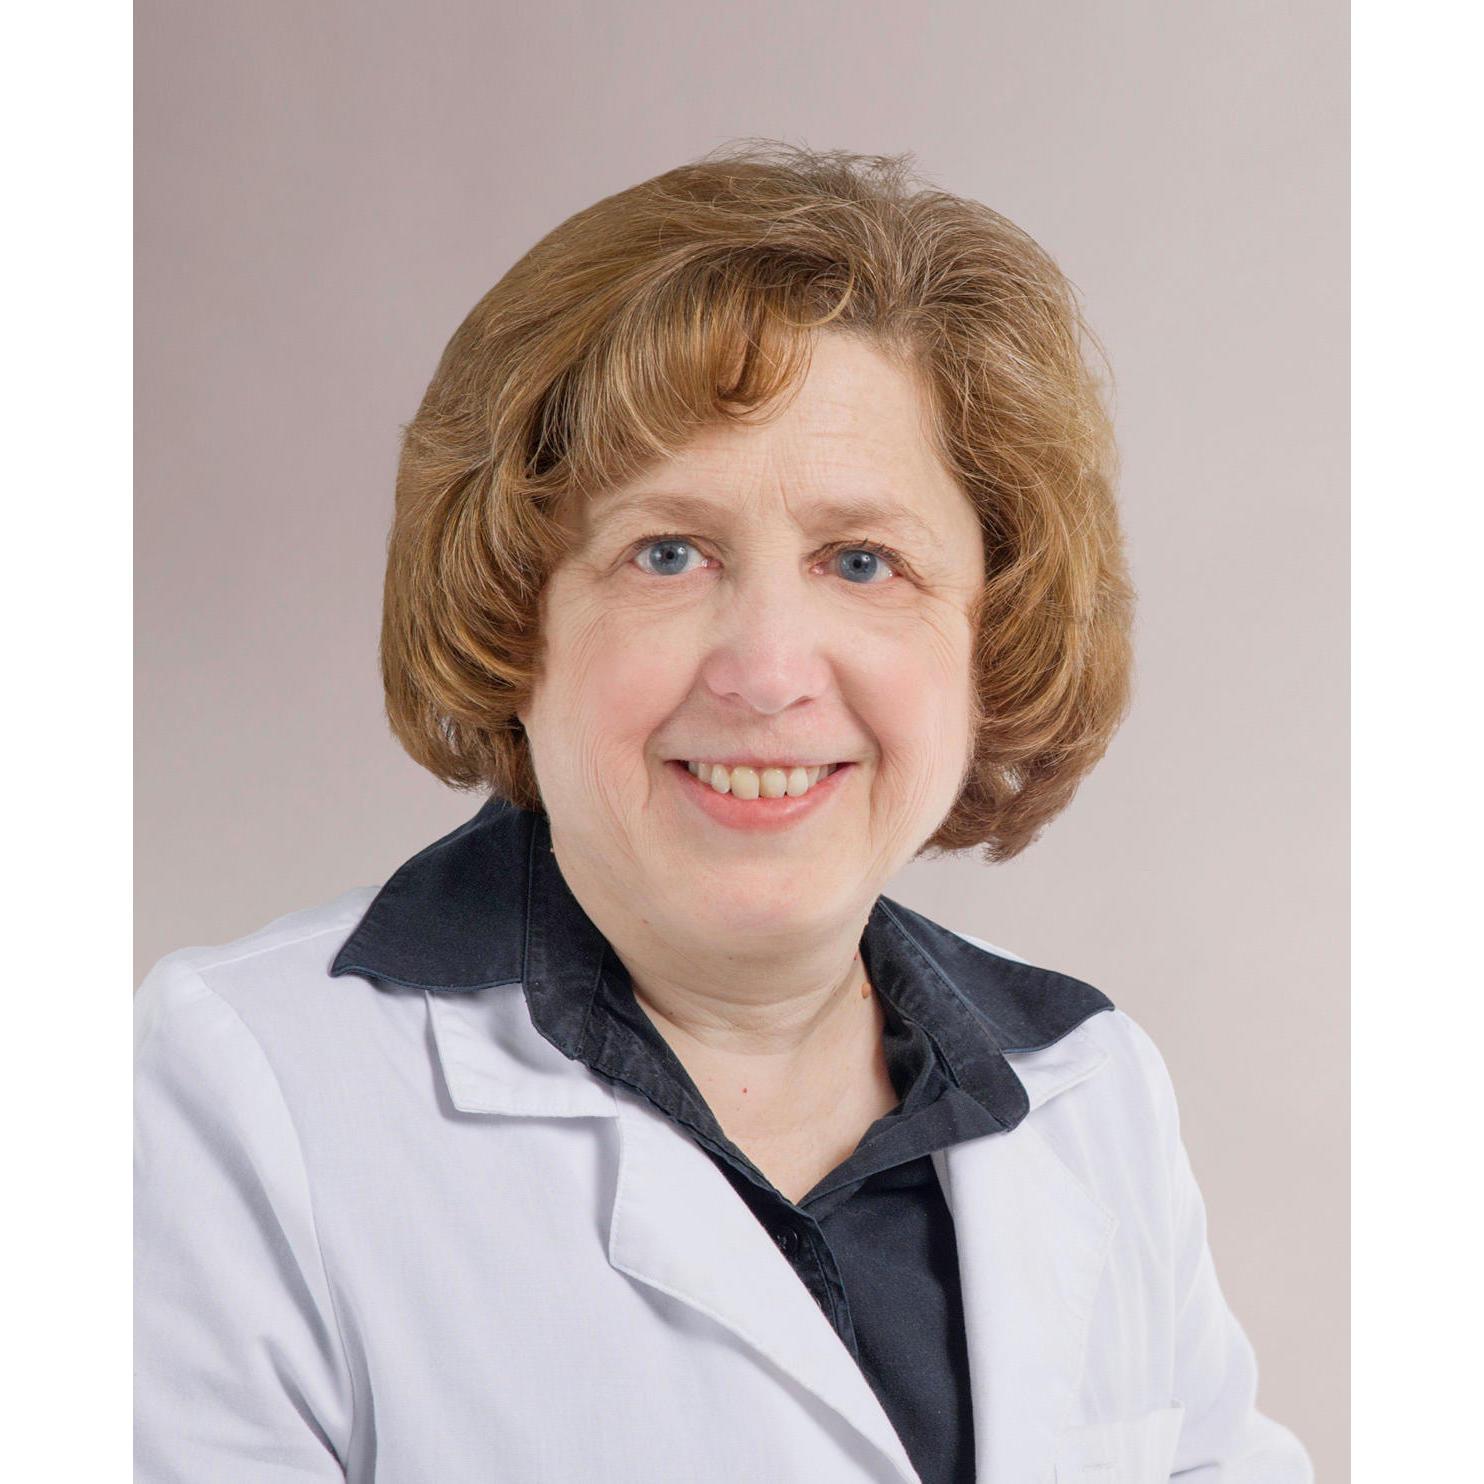 Lisa Sager, MD